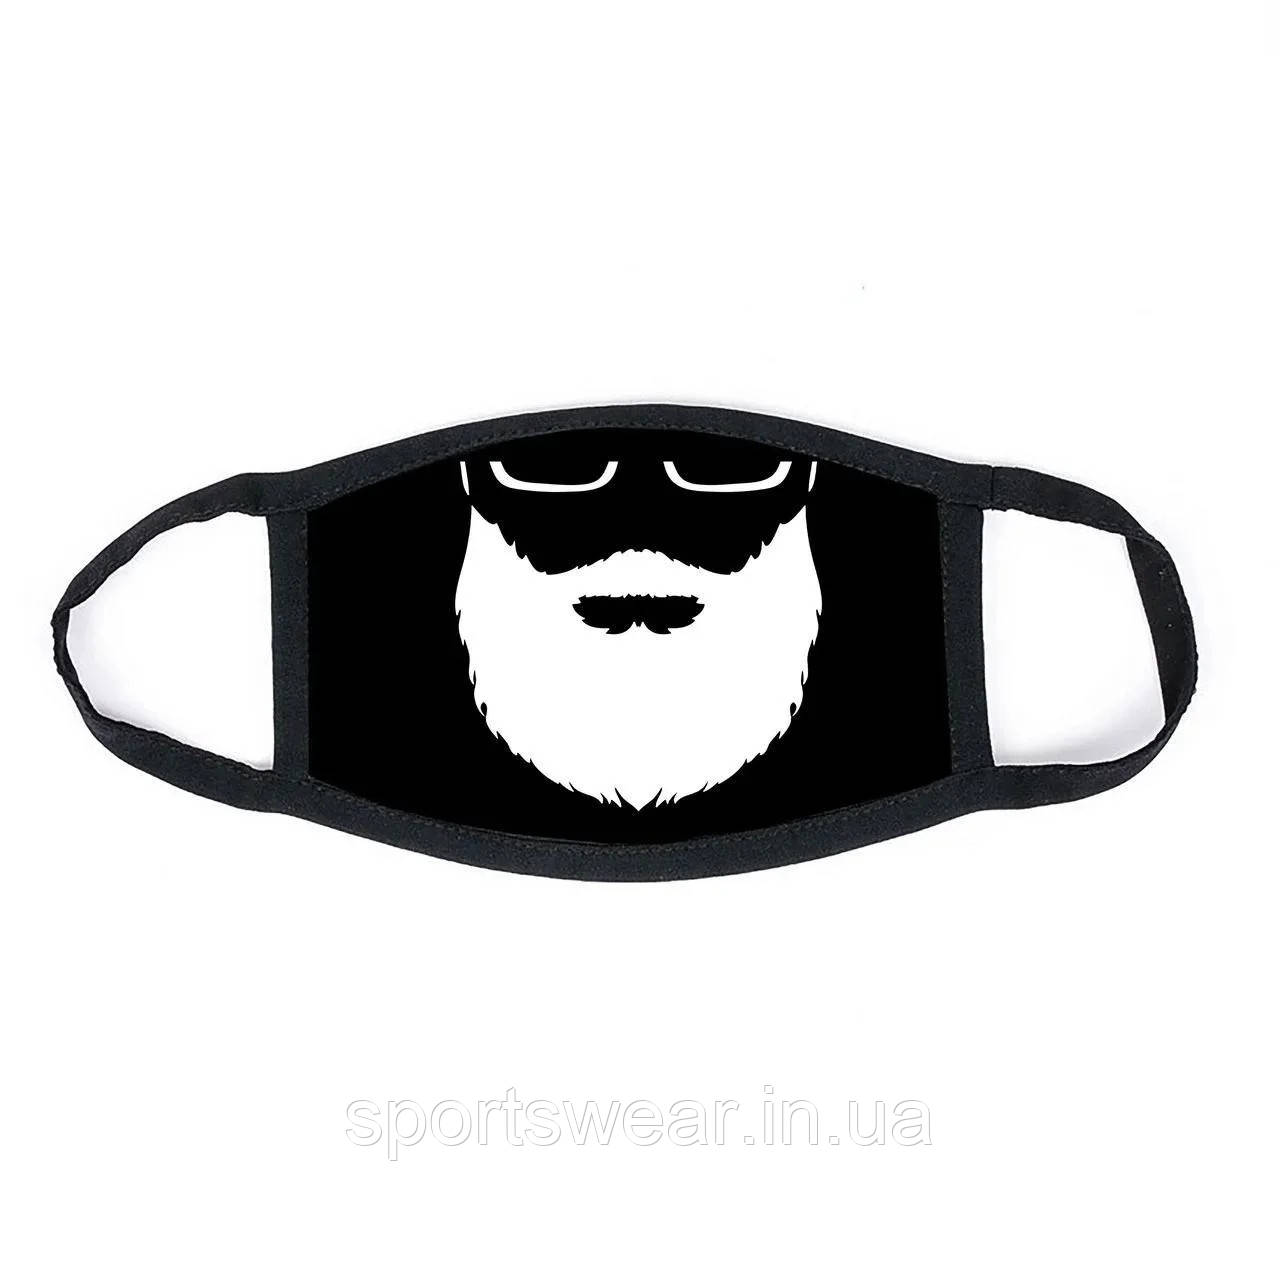 Многоразовая маска с принтом Борода женская,мужская, подростковая